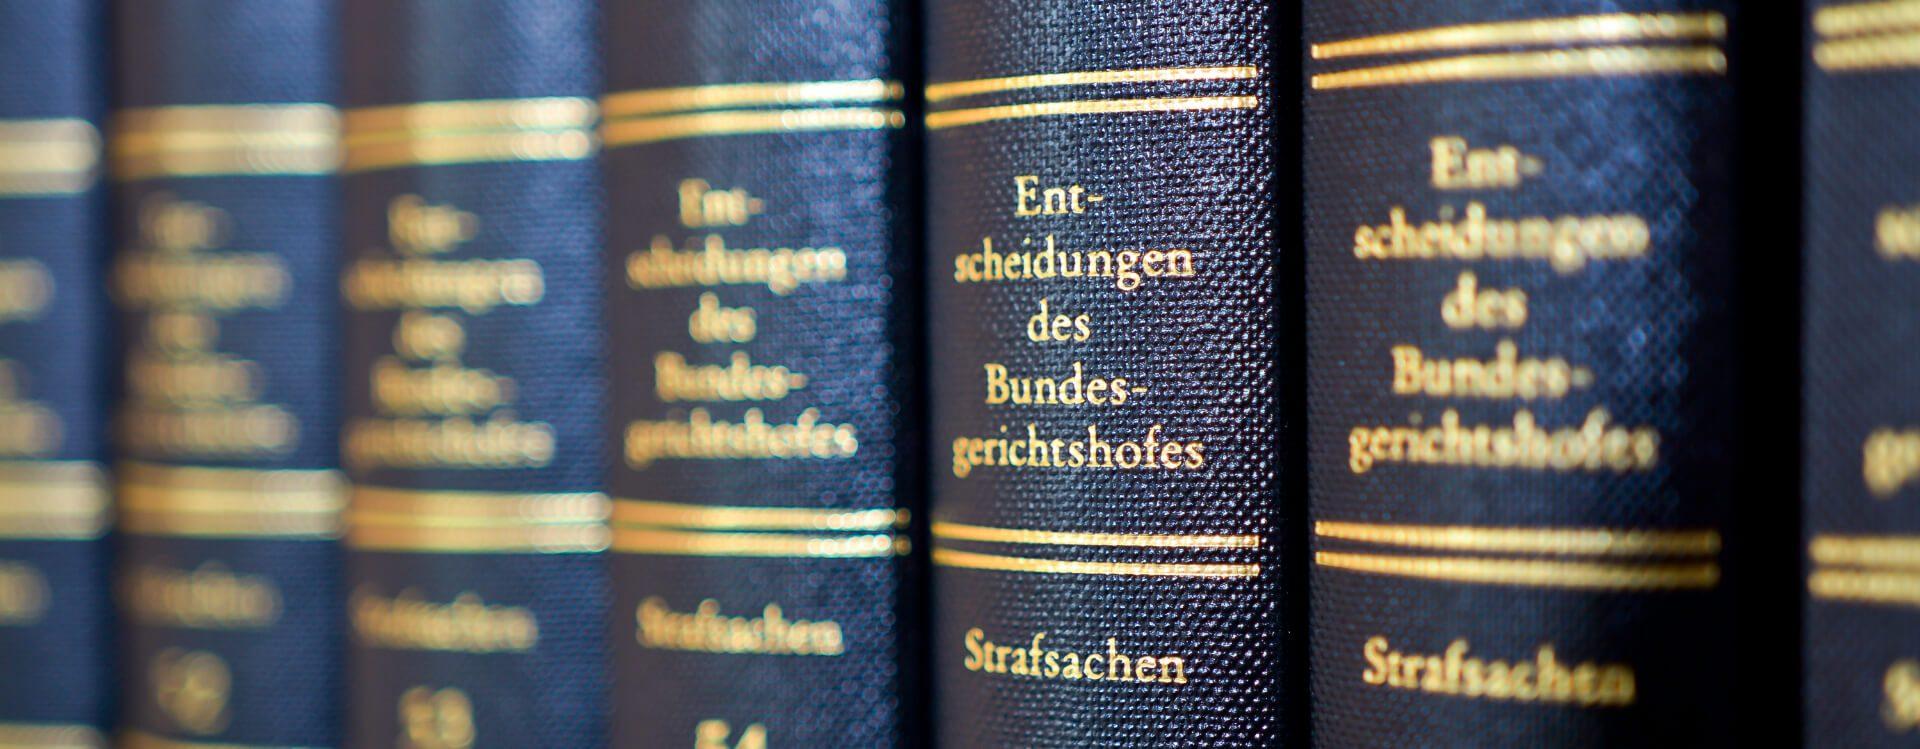 Revision, Strafrecht, Hamburg, Urteil, BGH, Revisionsrecht, Bundesgerichtshof, Rechtsmittel, Karlsruhe, Leipzig